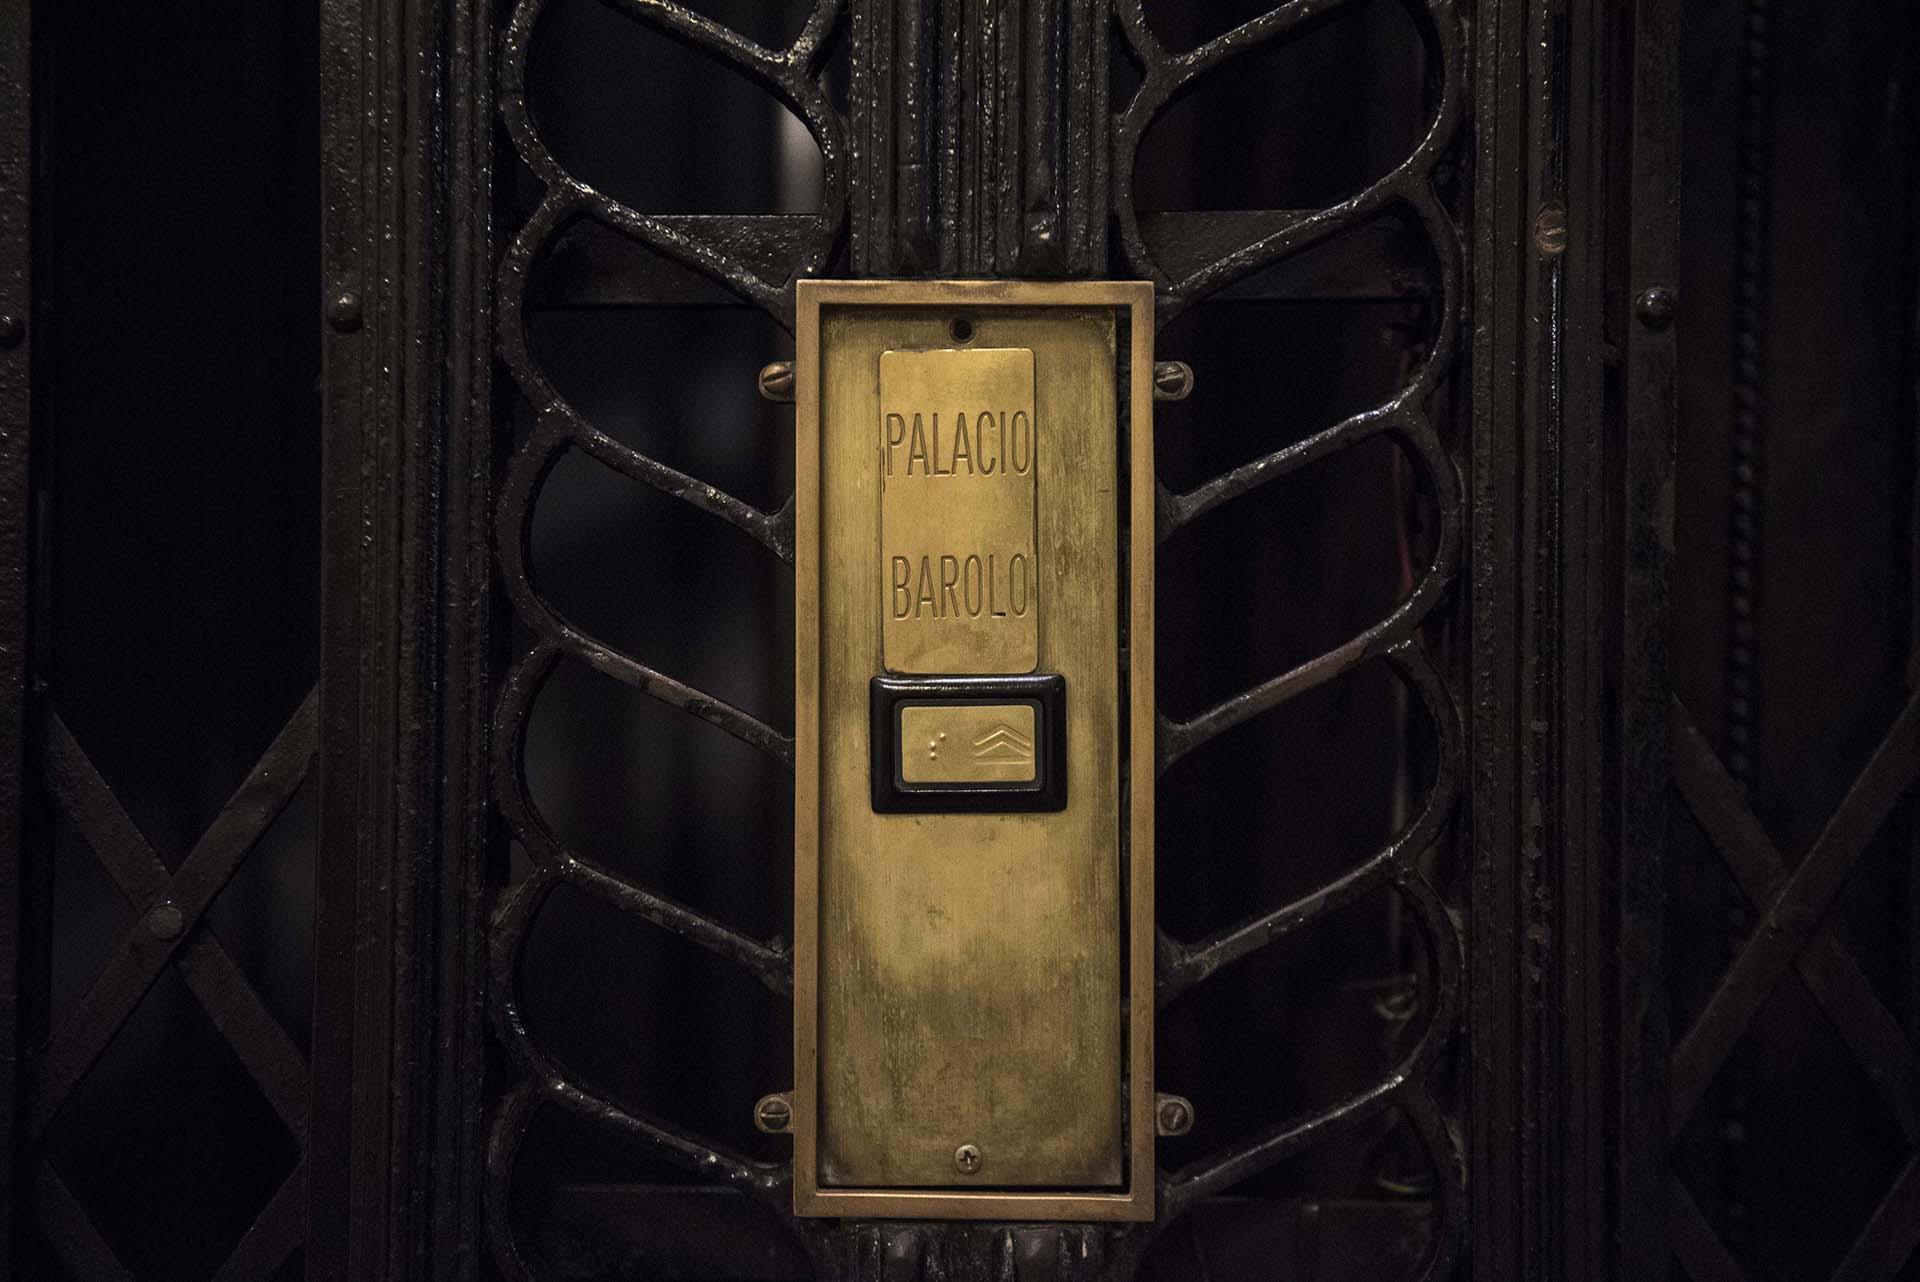 Las visitas consisten en recorrer el Palacio Barolo y los pisos más representativos de los niveles dantescos mientras se cuenta su historia y revelan los significados de todos sus símbolos relacionados con la Divina comedia y la masonería